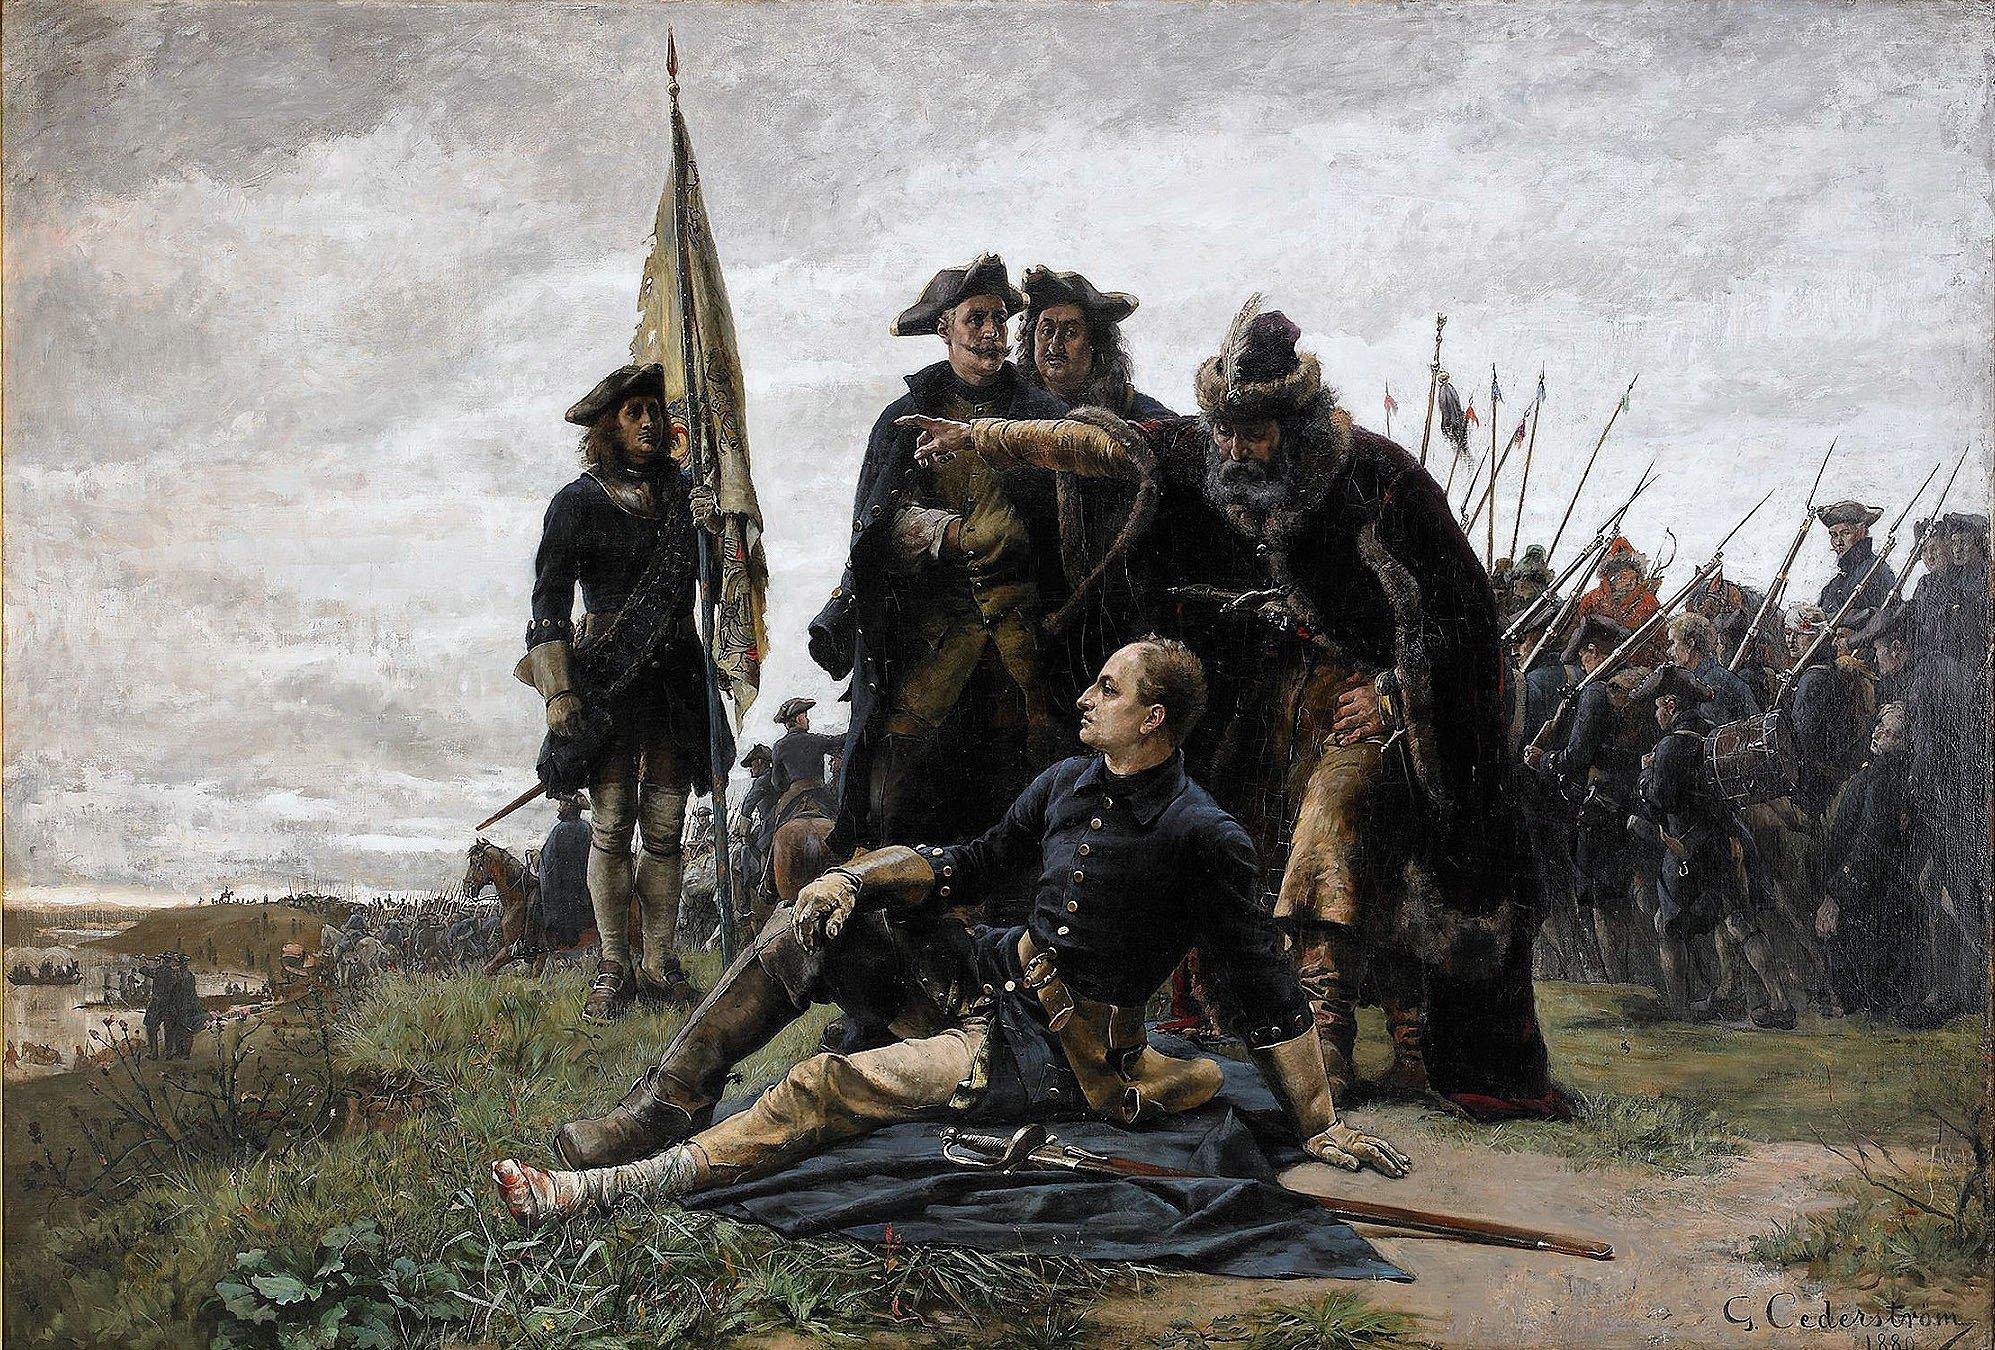 Karl XII och hans allierade, kosackledaren Ivan Mazepa efter nederlaget mot de ryska trupperna vid Poltava. Målning av Gustaf Cederström, cirka 1880. Under den nationalromantiska perioden i slutet av 1800-talet uppstod en vurm för hjältekungen Karl XII och den adlige Gustaf Cederström blev en av de största bärarna av den bilden.